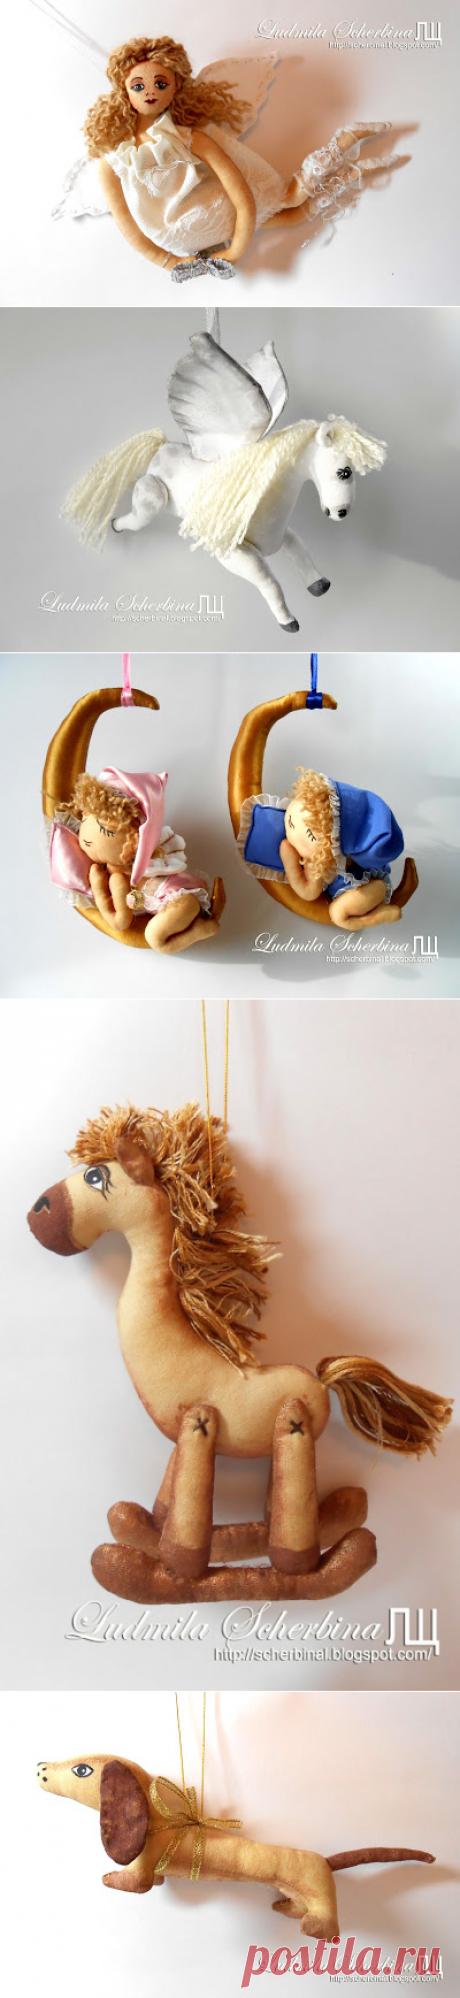 Текстильные куклы и другие рукоделки Людмилы Щербины: выкройки